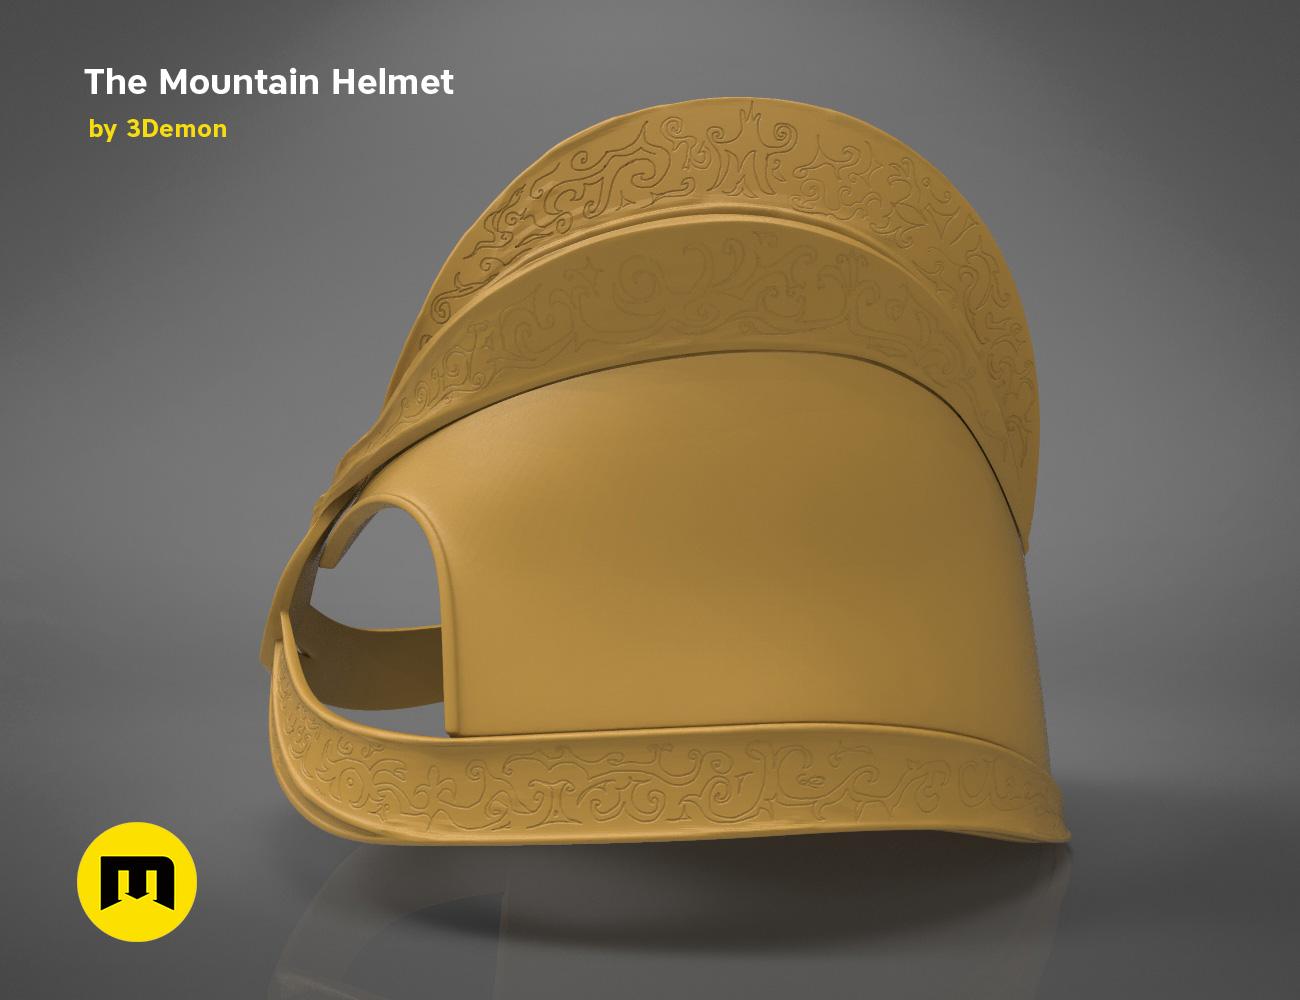 GoT-mountain-helmet-basic.632.jpg Download STL file The Mountain Helmet – Game of Thrones • 3D printing model, 3D-mon